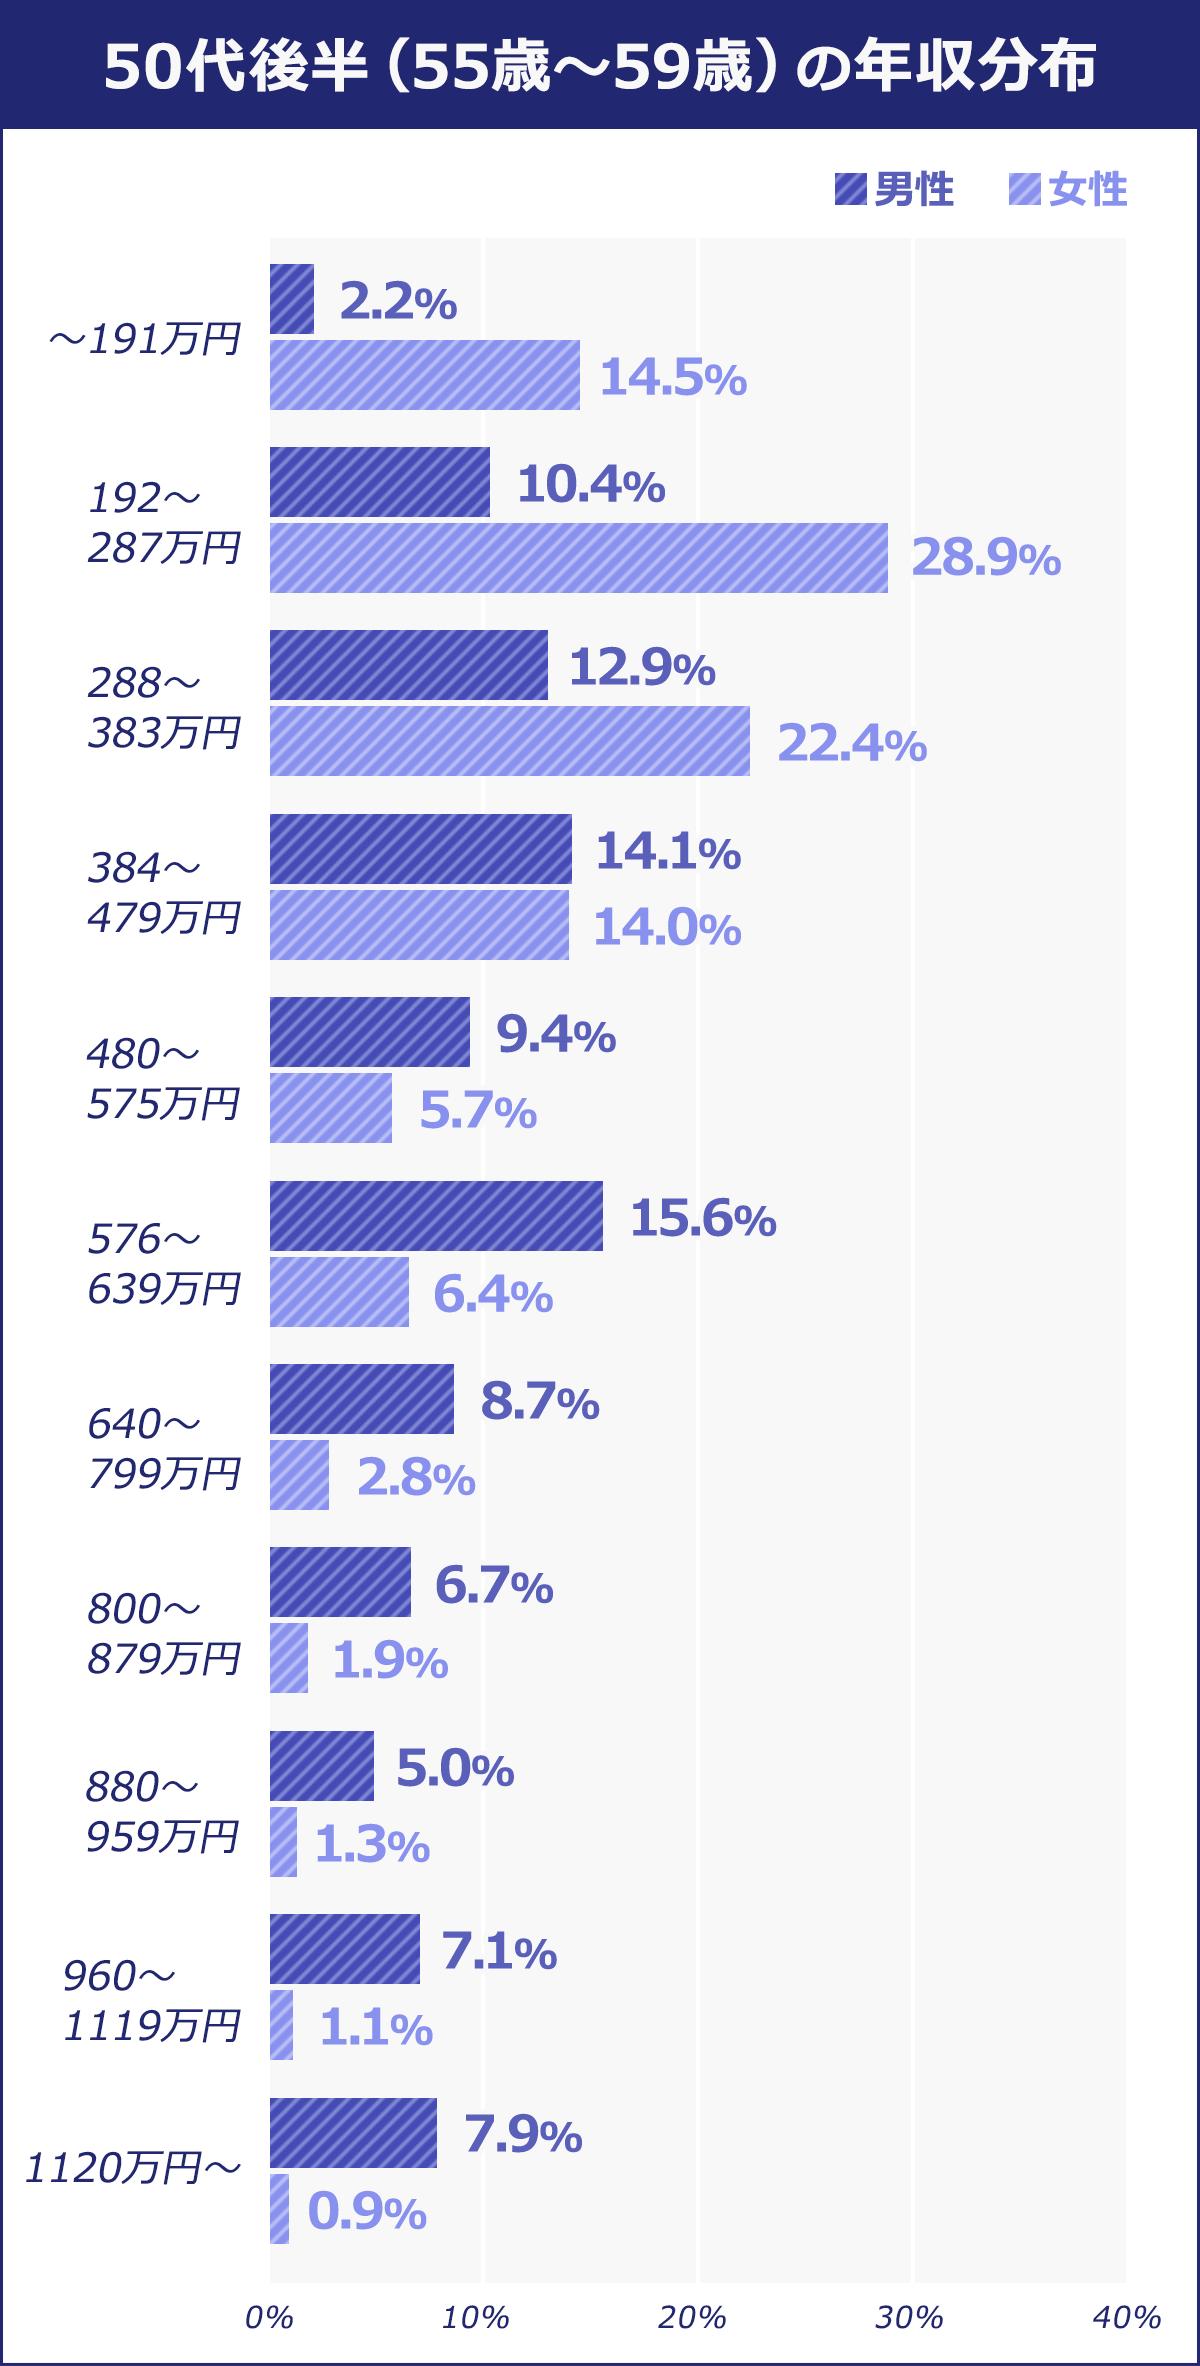 50代後半(55歳~59歳)~191万円:男性/2.2% 女性/14.5% 192~287万円:男性/10.4% 女性/28.9% 288~383万円:男性/12.9% 女性/22.4% 384~479万円:男性/14.1% 女性/14% 480~575万円:男性/9.4% 女性/5.7% 576~639万円:男性/15.6% 女性/6.4%  640~799万円:男性/8.7% 女性/2.8% 800~879万円:男性/6.7% 女性/1.9% 880~959万円:男性/5% 女性/1.3% 960~1119万円:男性/7.1% 女性/1.1% 1120万円:男性/7.9% 女性/0.9%